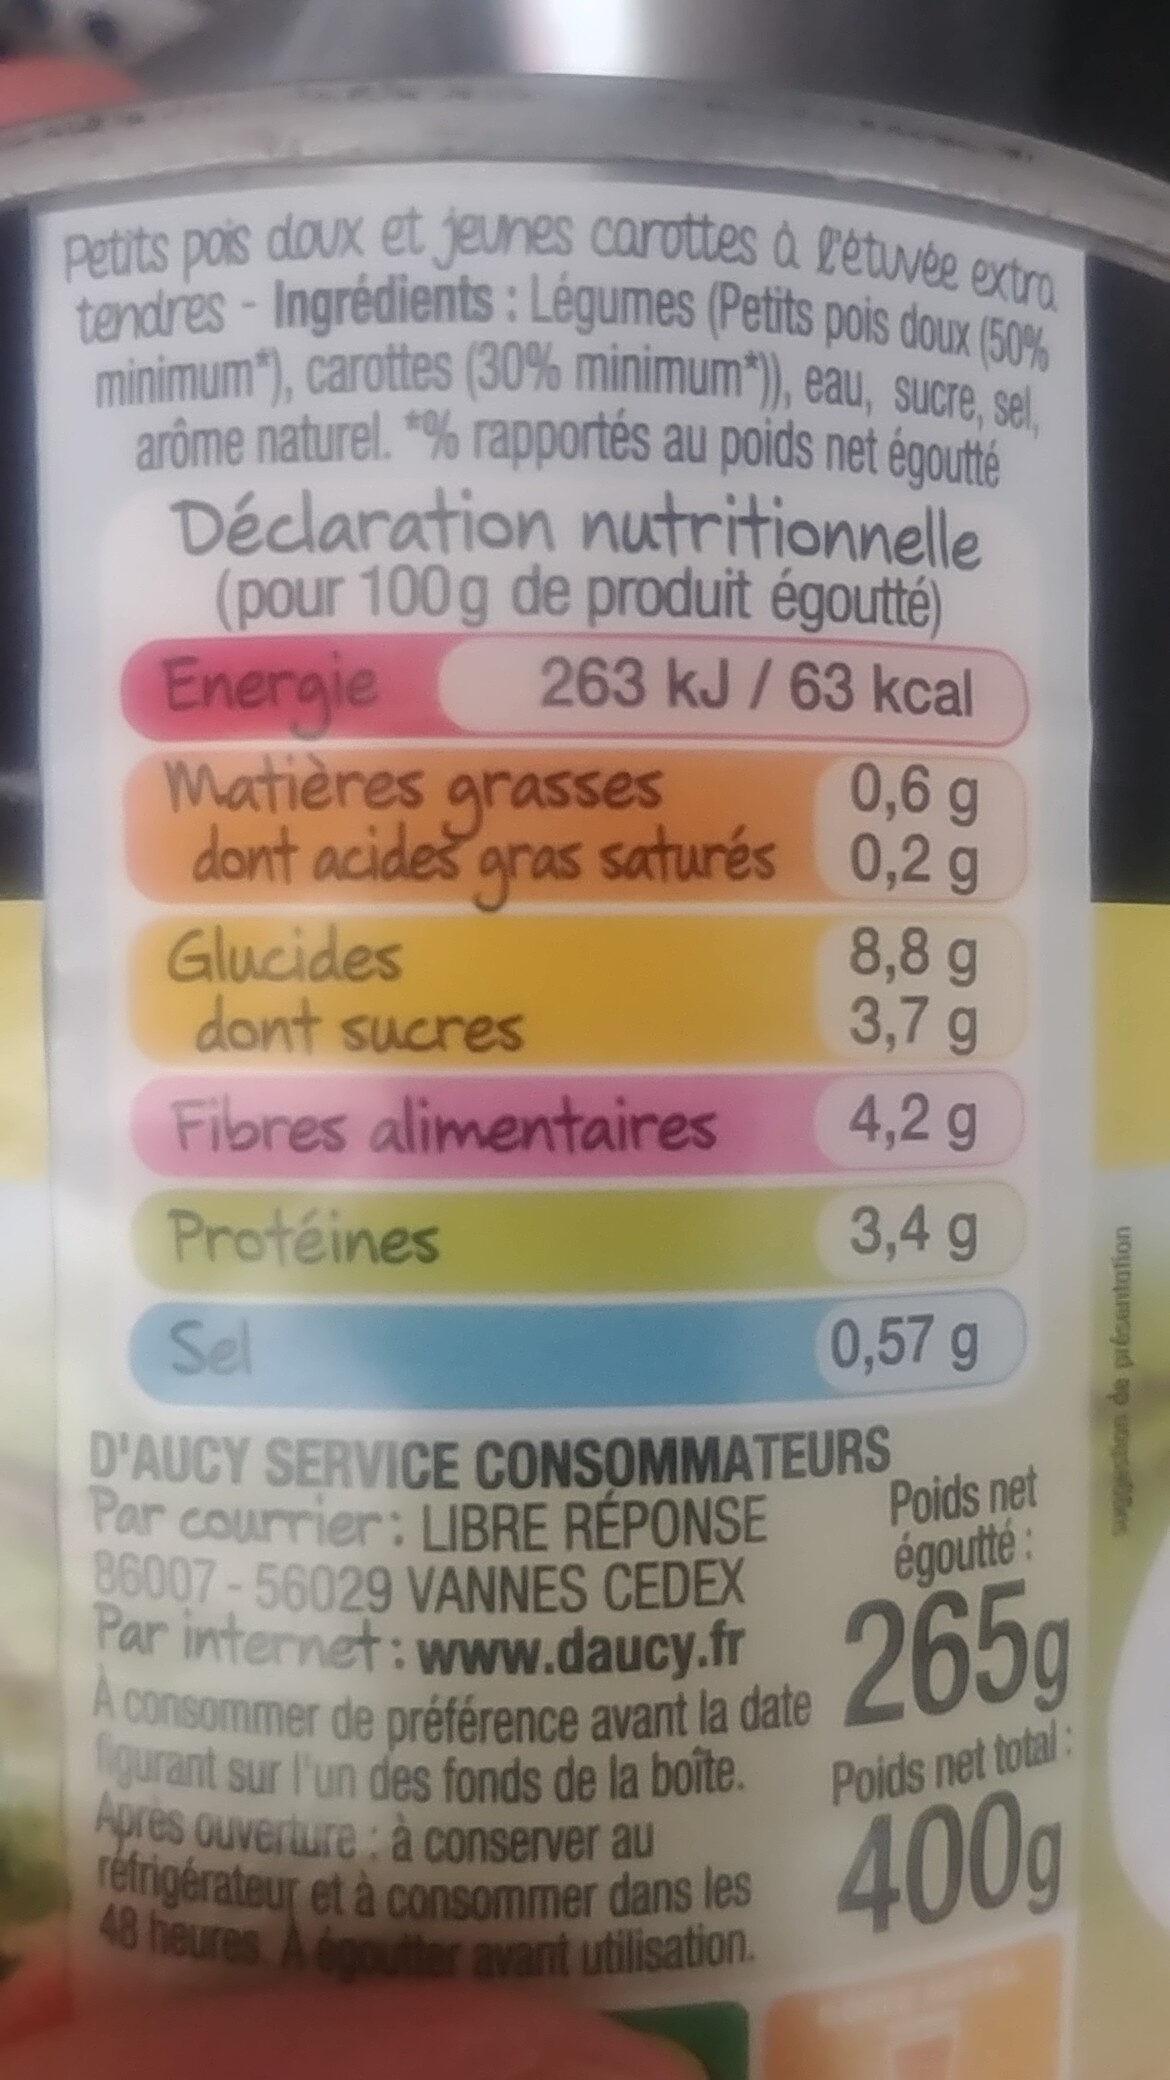 Petits Pois Extra-tendres Et Carottes D'aucy - Informations nutritionnelles - fr